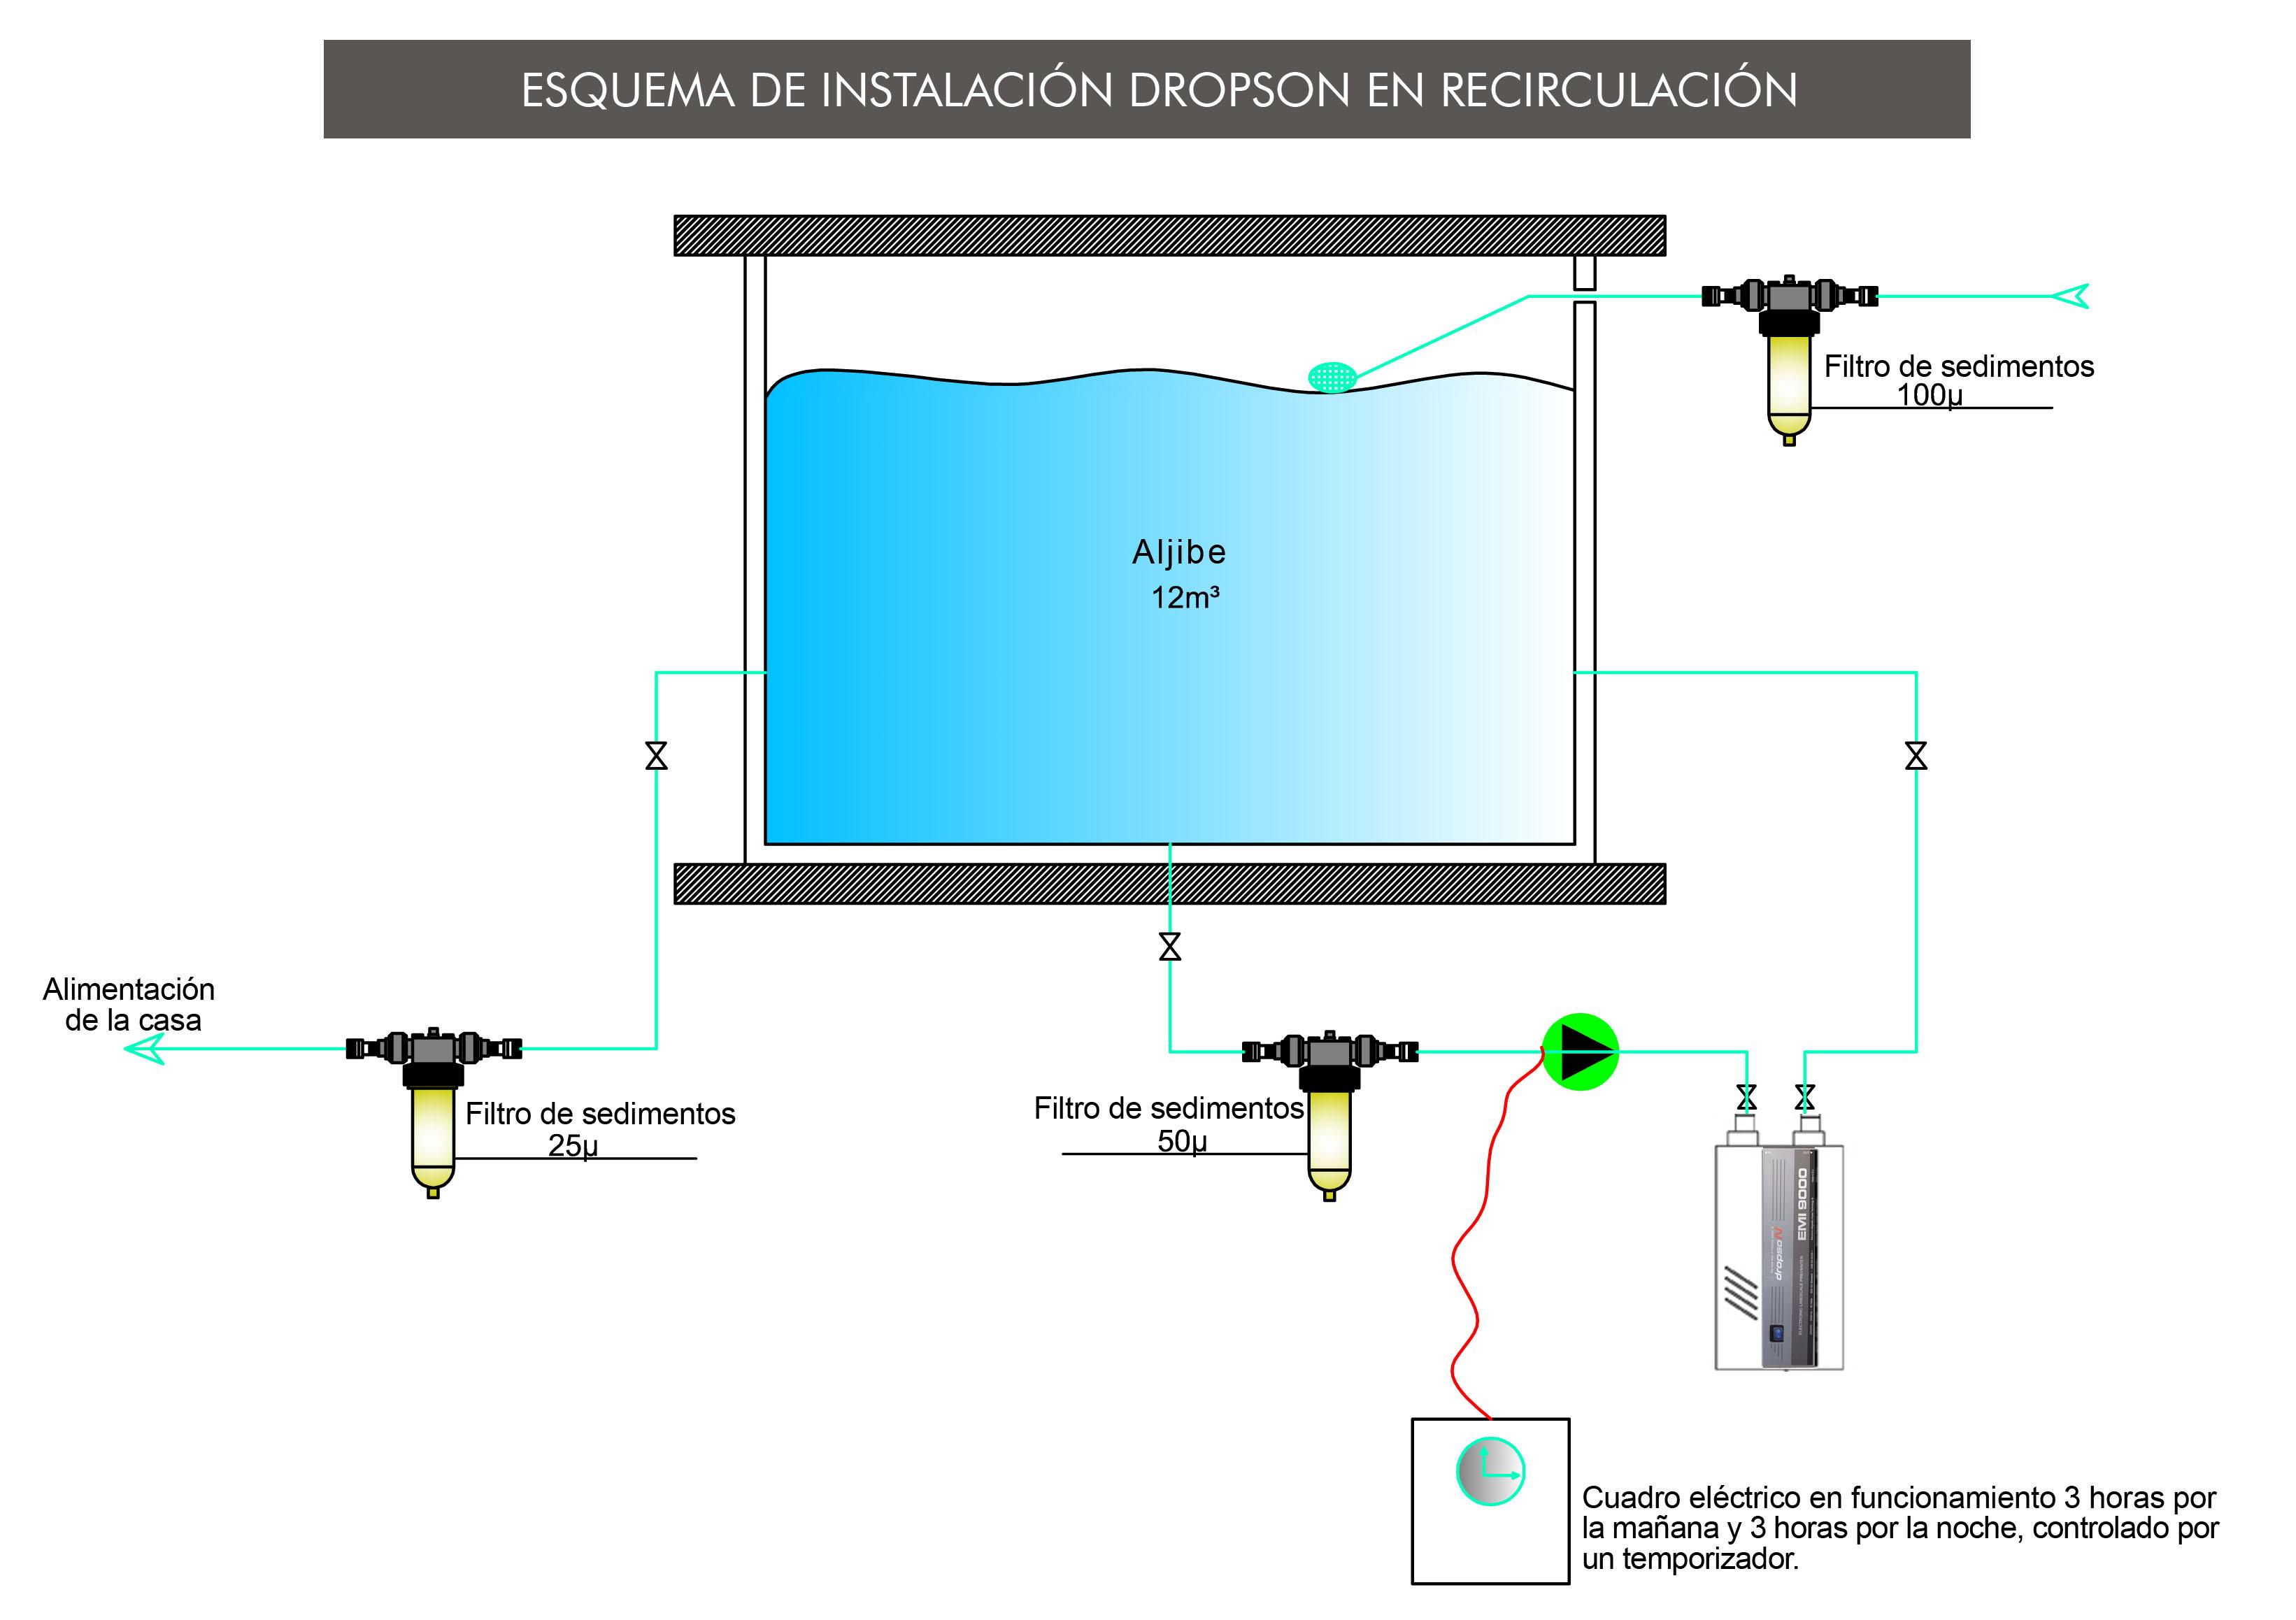 Descalcificador dropson en recirculaci n soluci n antical for Precio instalacion descalcificador